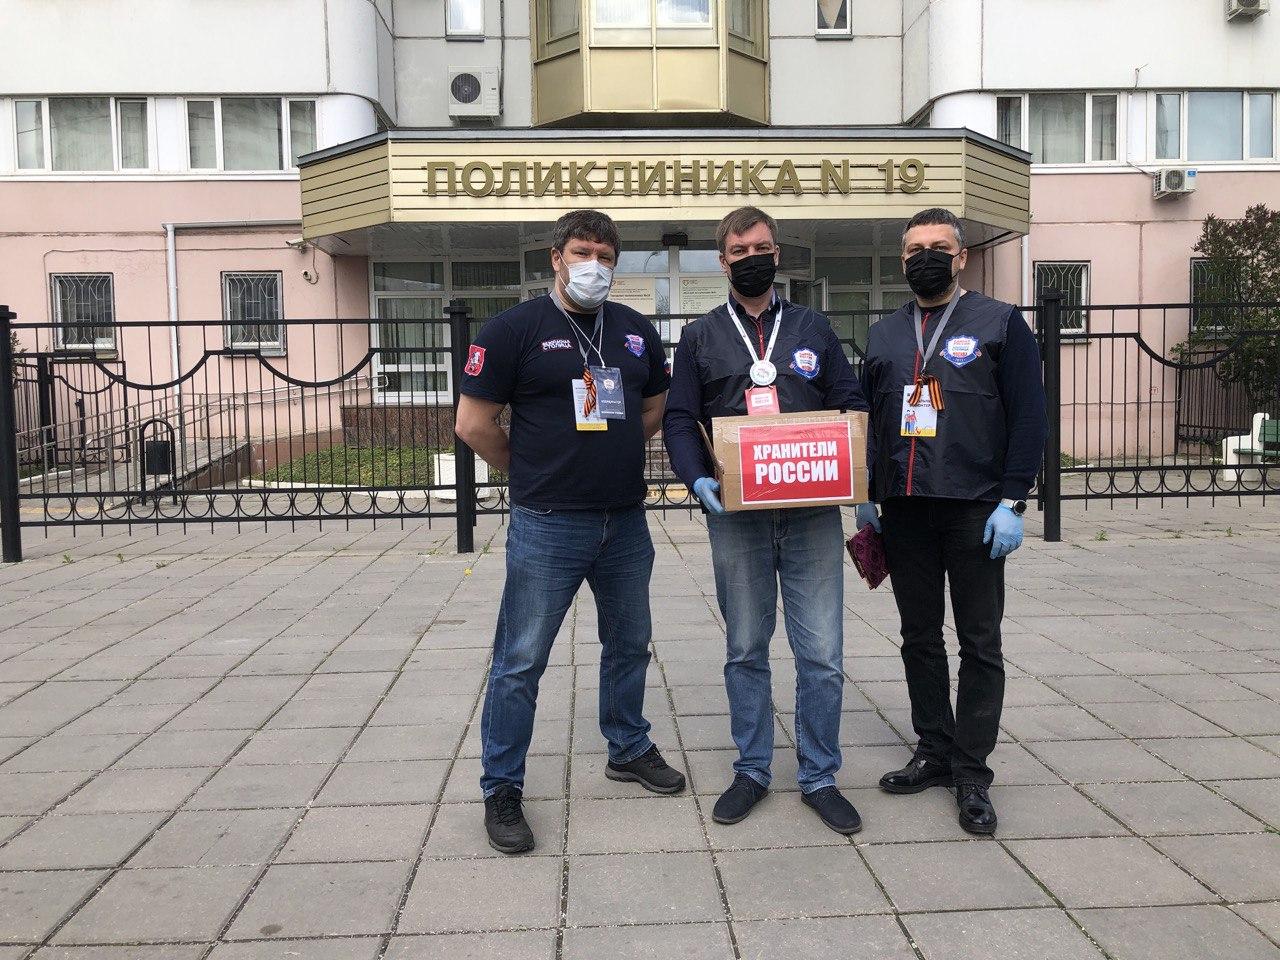 Средства индивидуальной защиты передали жителям района Капотня